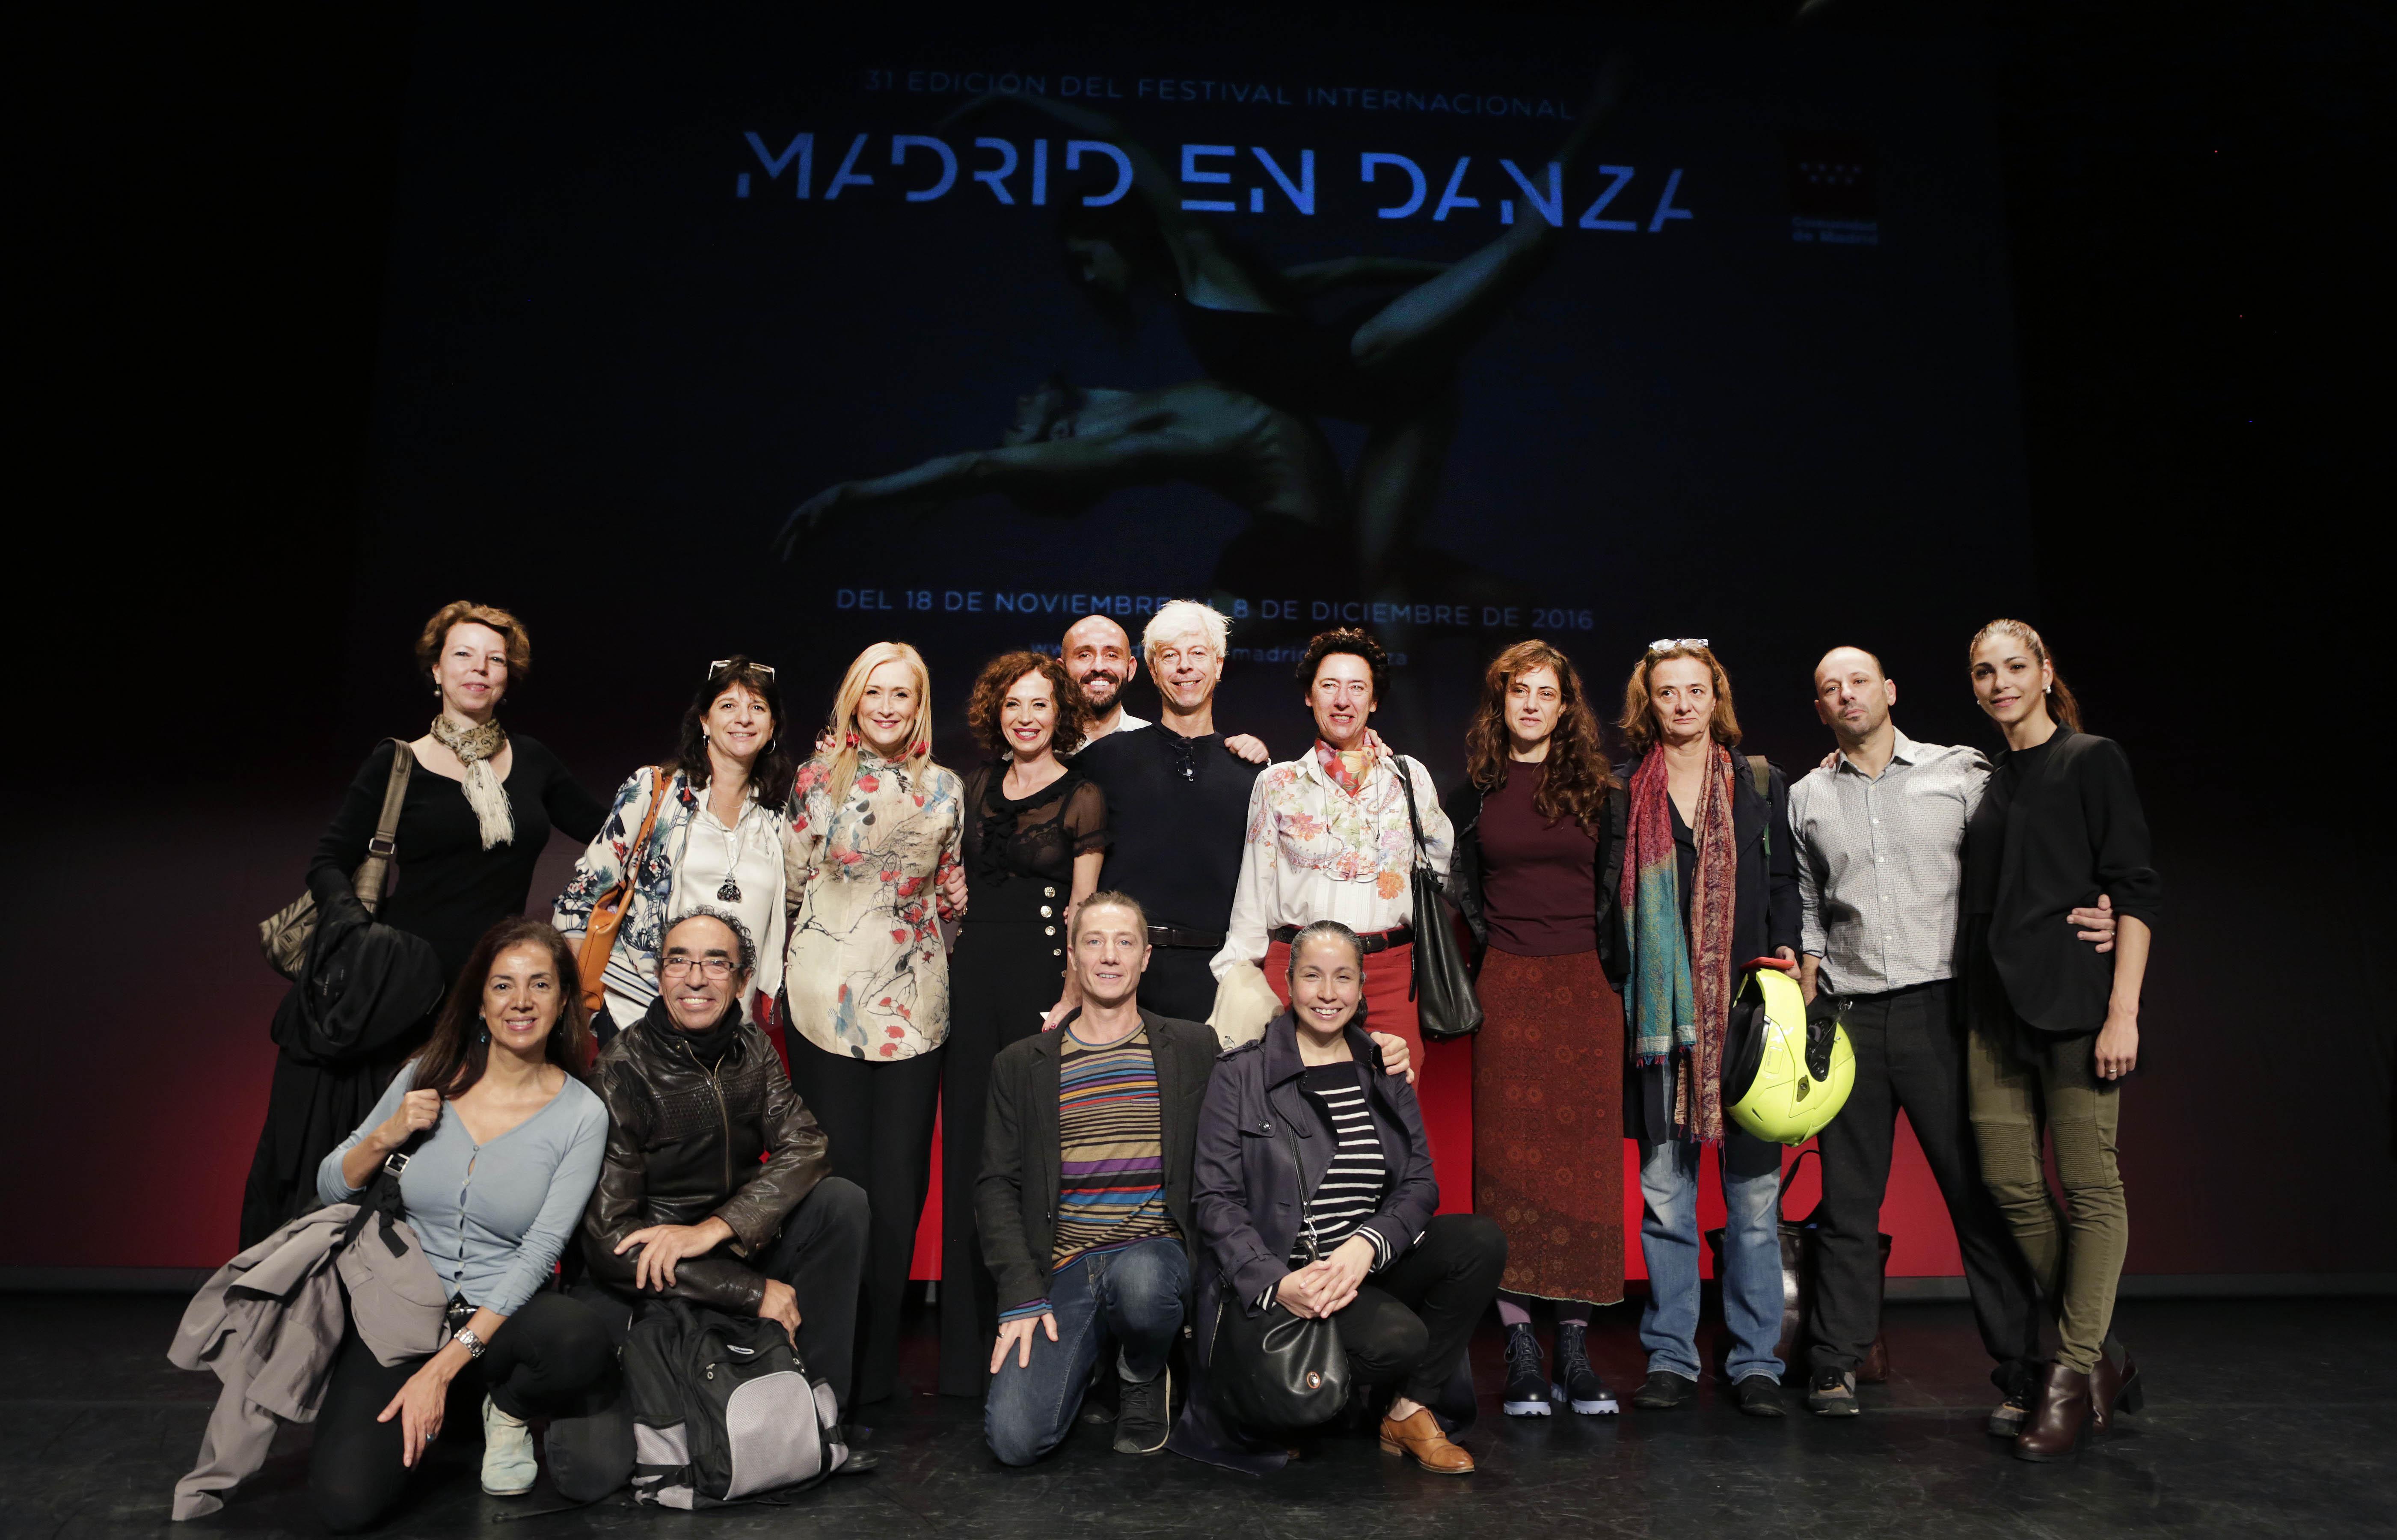 Presentación de la XXXI Edición del Festival Internacional Madrid en Danza 2016